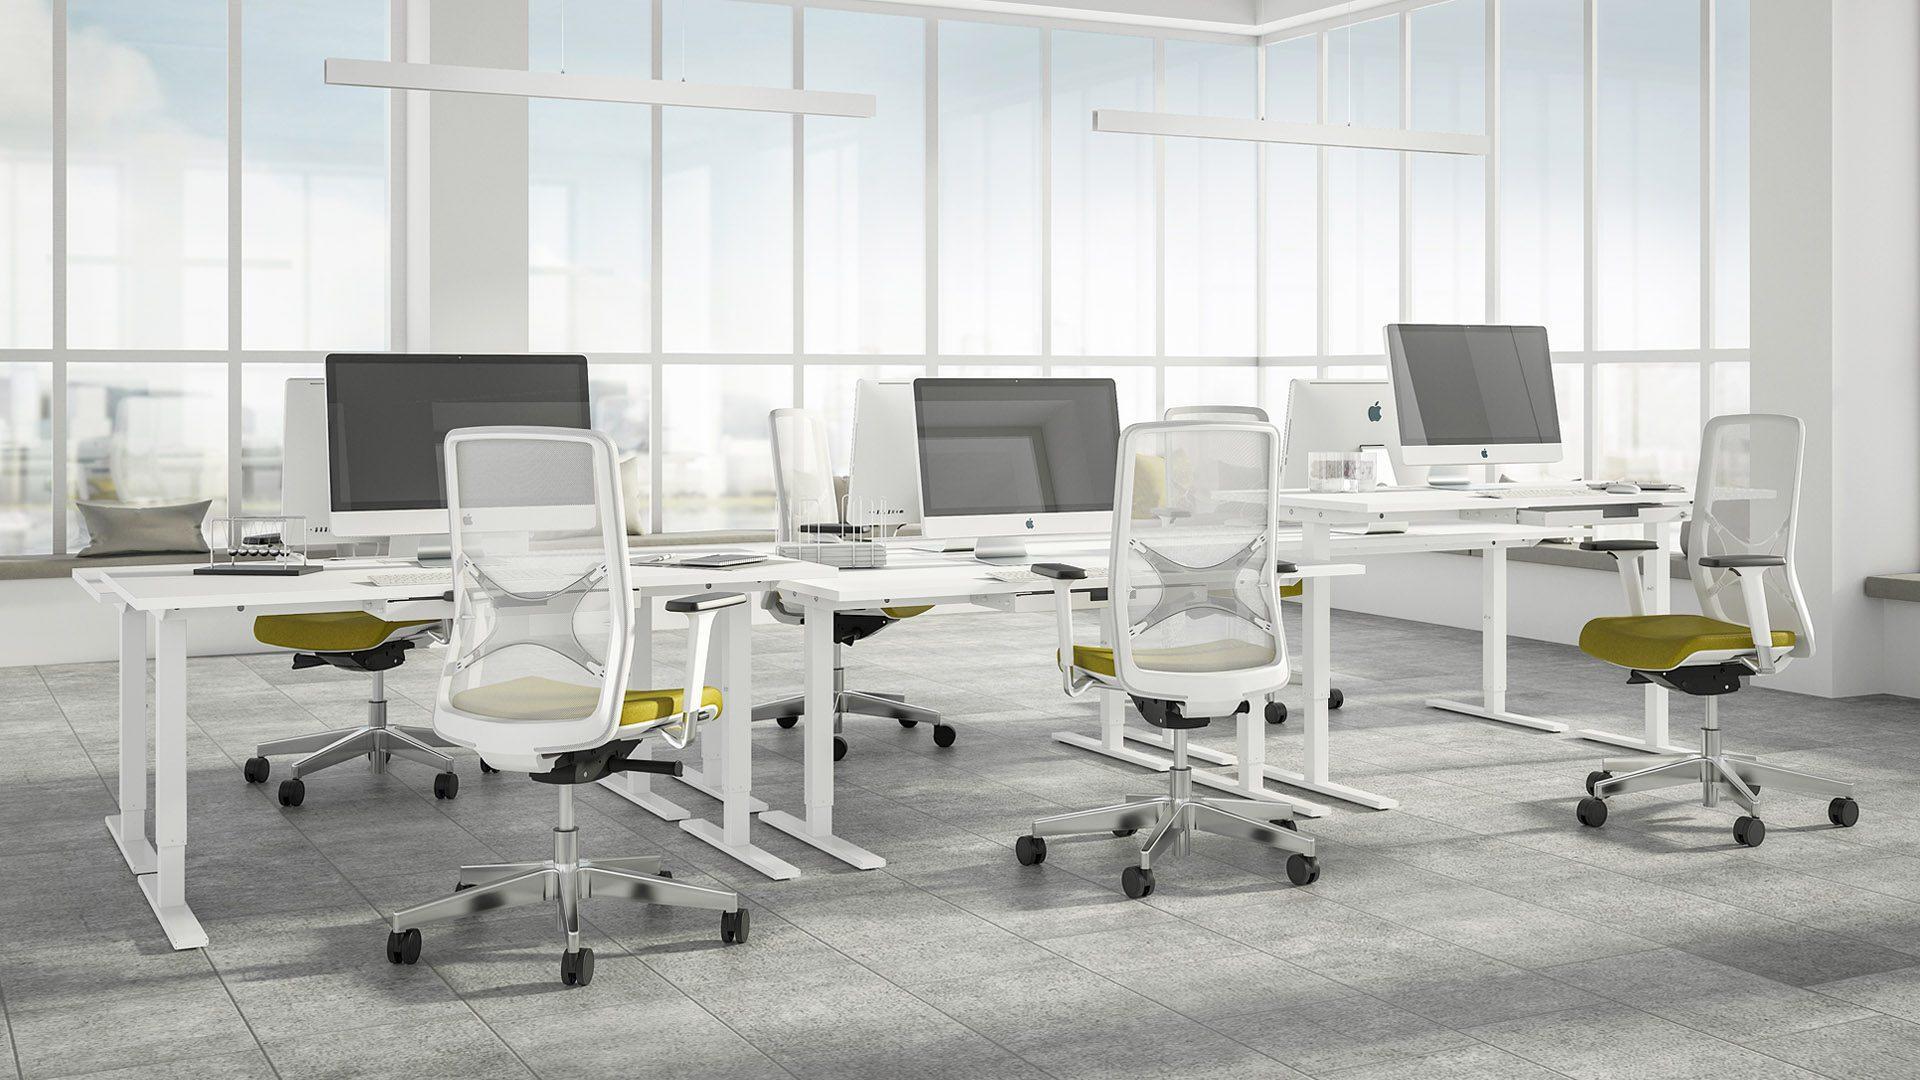 ONE H manuāli augstumā regulējams galds ar WIND darba galdiem